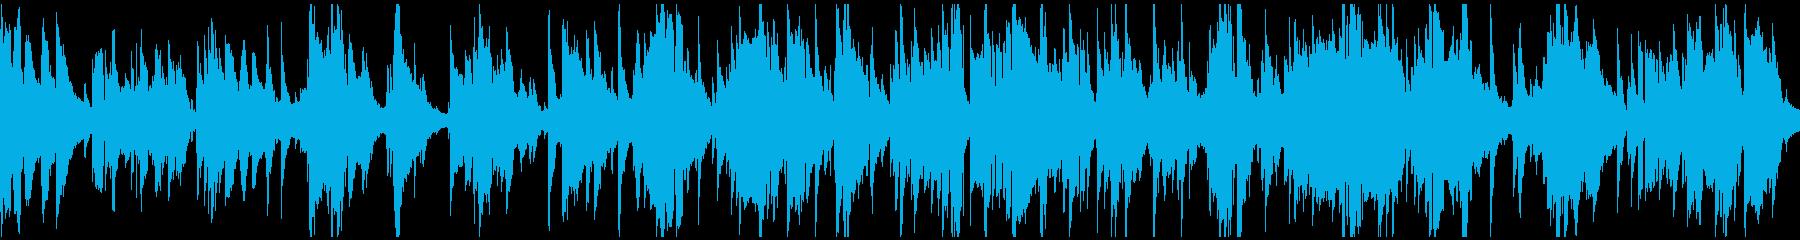 素敵なムードのジャズバラード ※ループ版の再生済みの波形